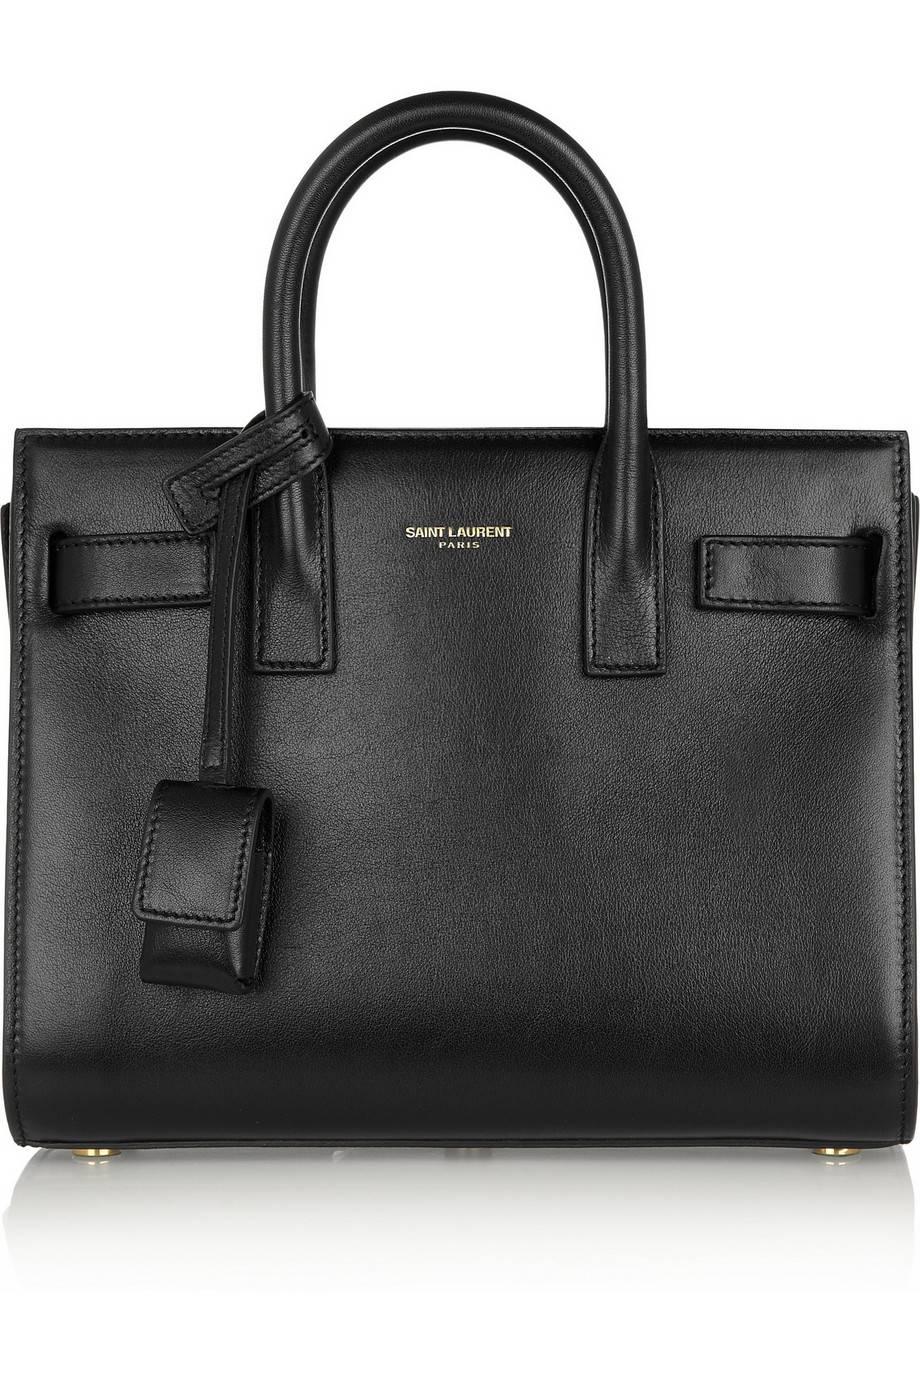 11 chiếc túi đẹp, xứng đáng đầu tư khiến dân sành thời trang mê mẩn - 6